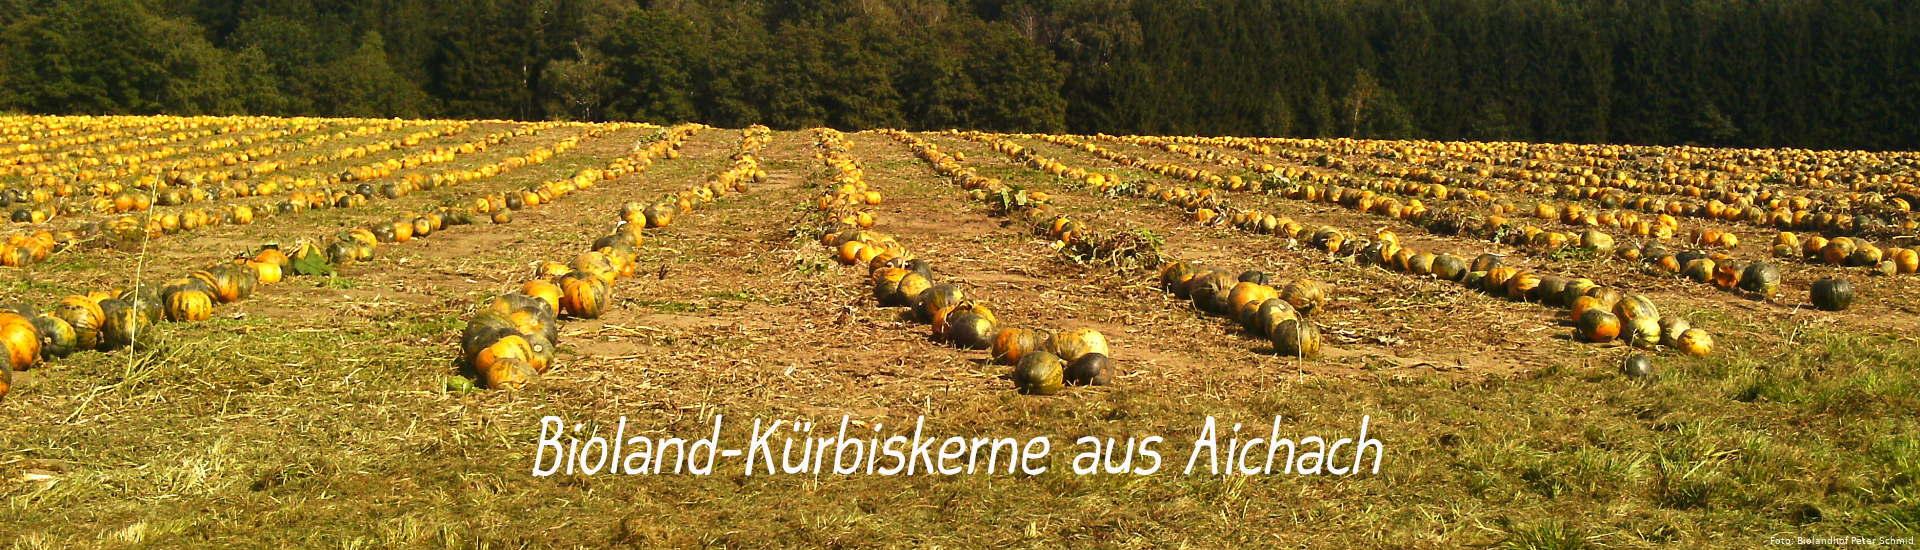 Kürbisernte - Bioland-Kürbiskerne aus Aichach